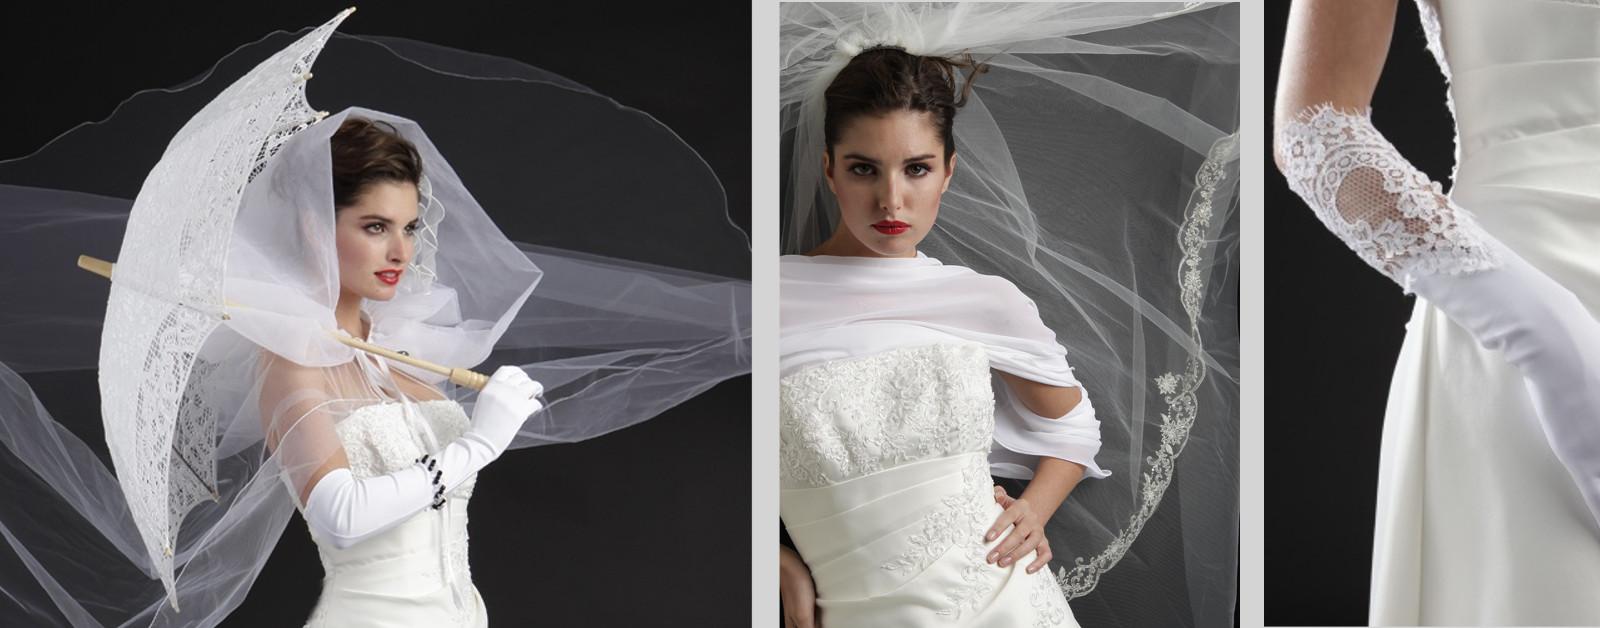 Voile, jupon, ombrelle, gants de mariage sur compiègne et noyon